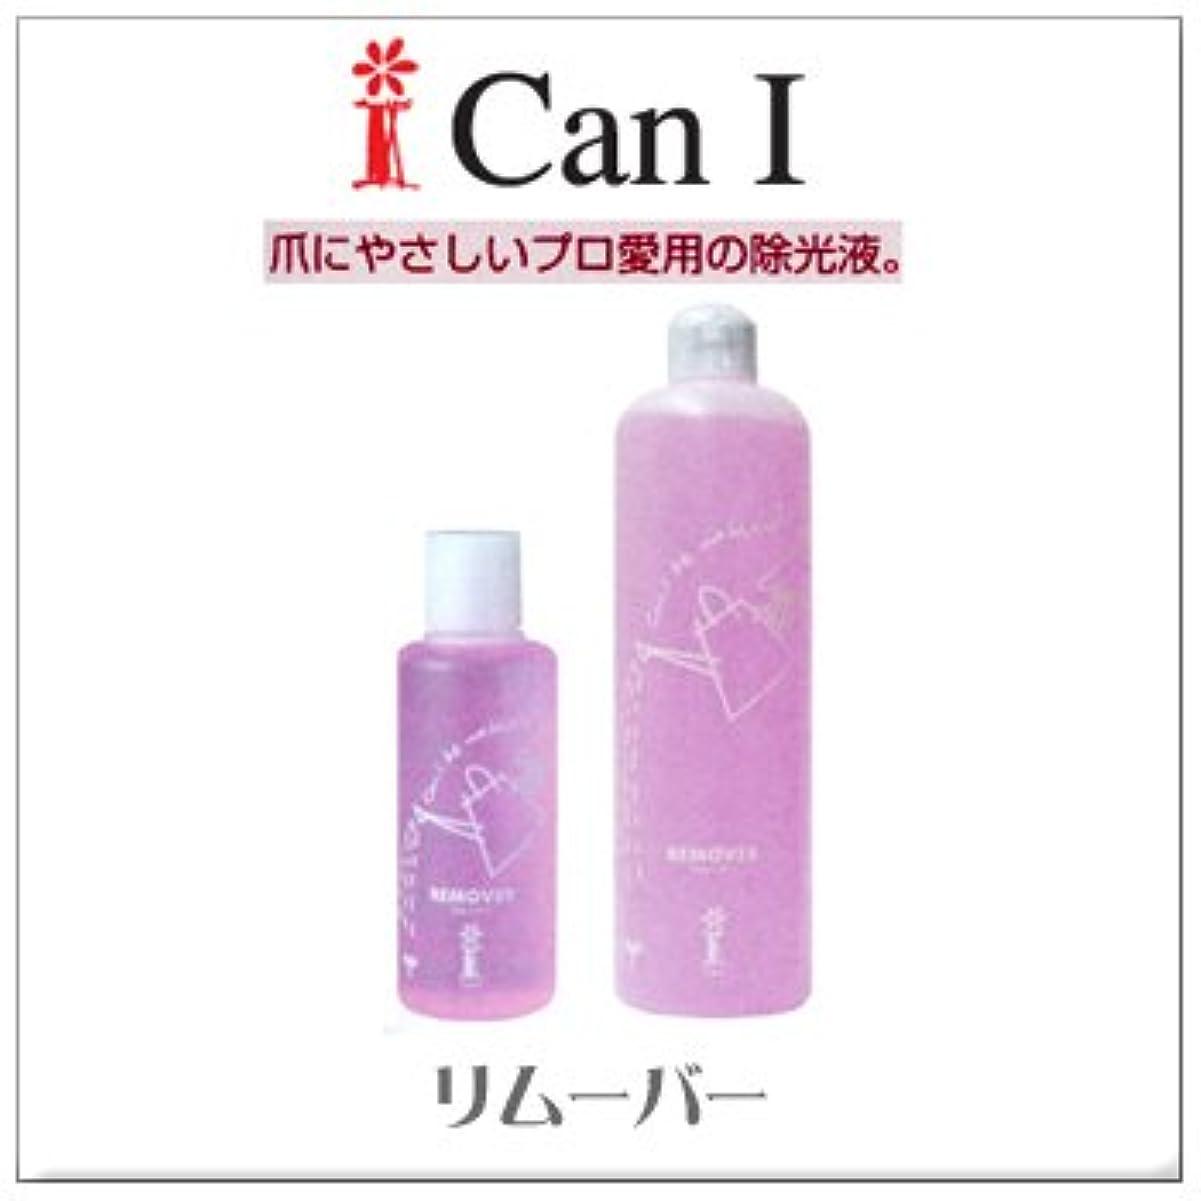 メディアしみ手入れCanI (キャンアイ) リムーバー be native 500ml